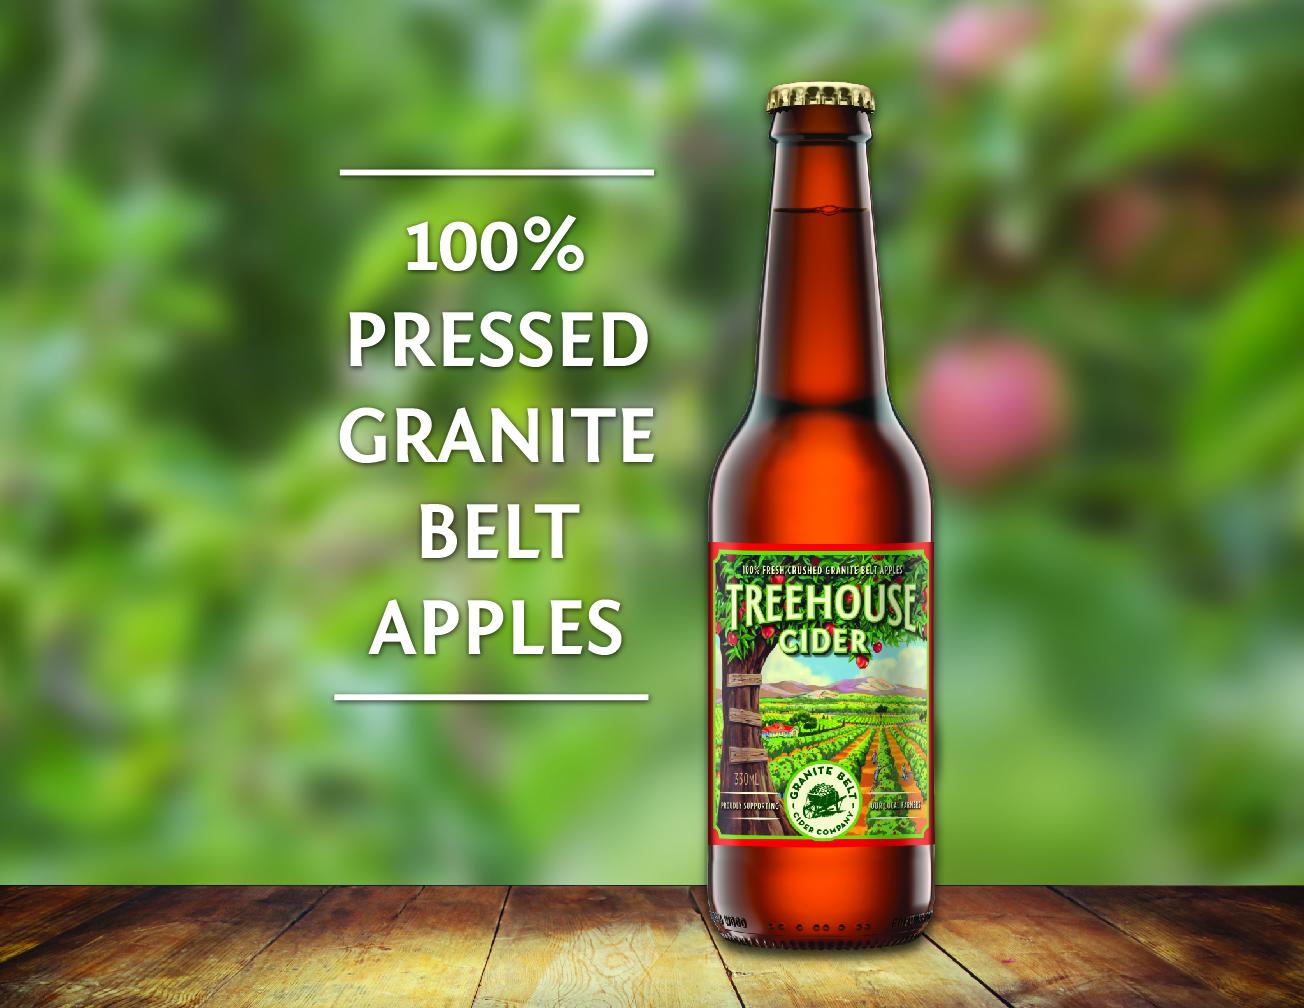 Treehouse Apple Cider